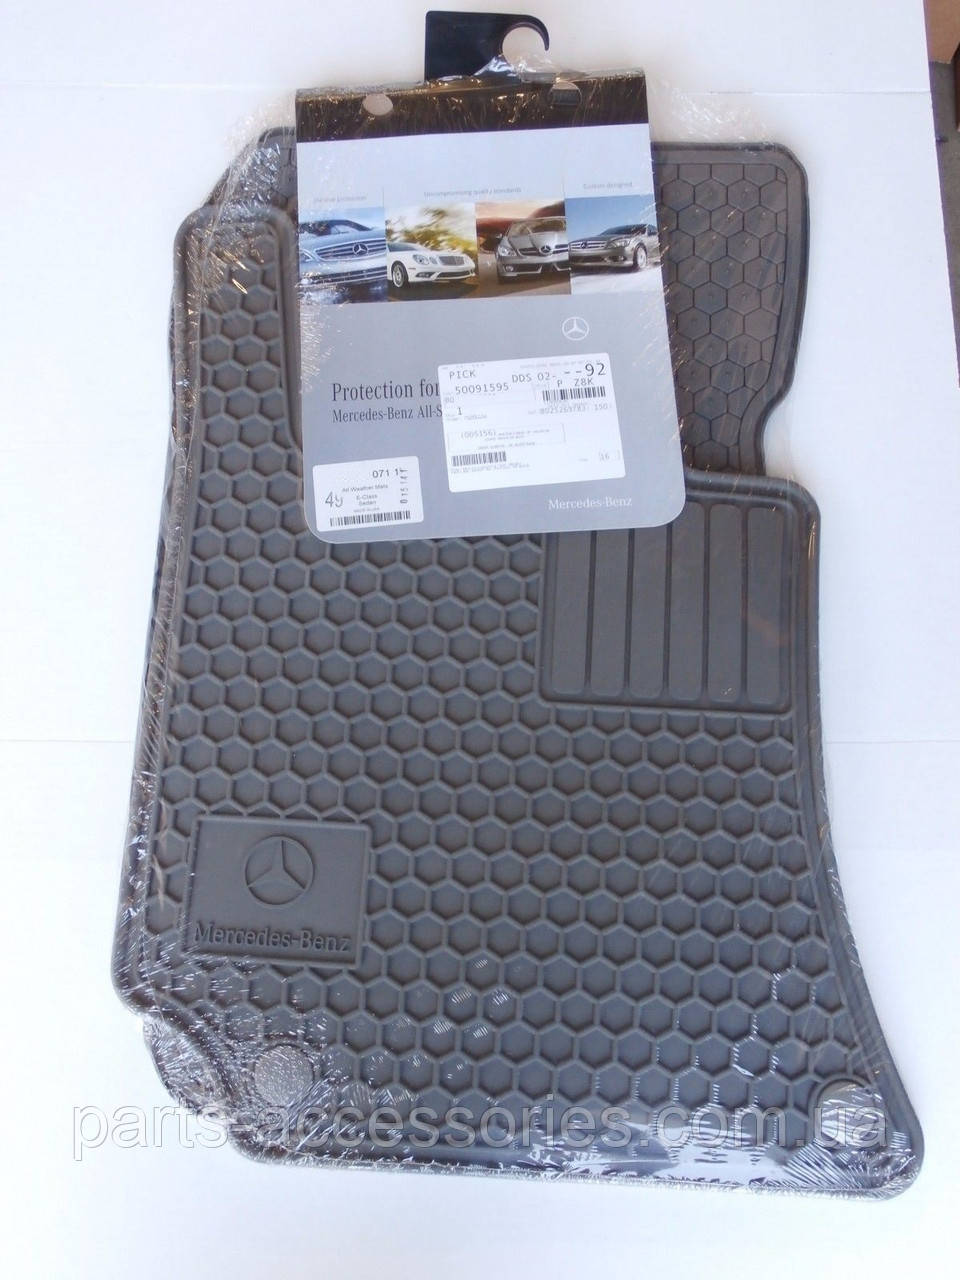 Оригинальные коврики к Mercedes E-Class W212 2009-16 резиновые серые передние задние новые